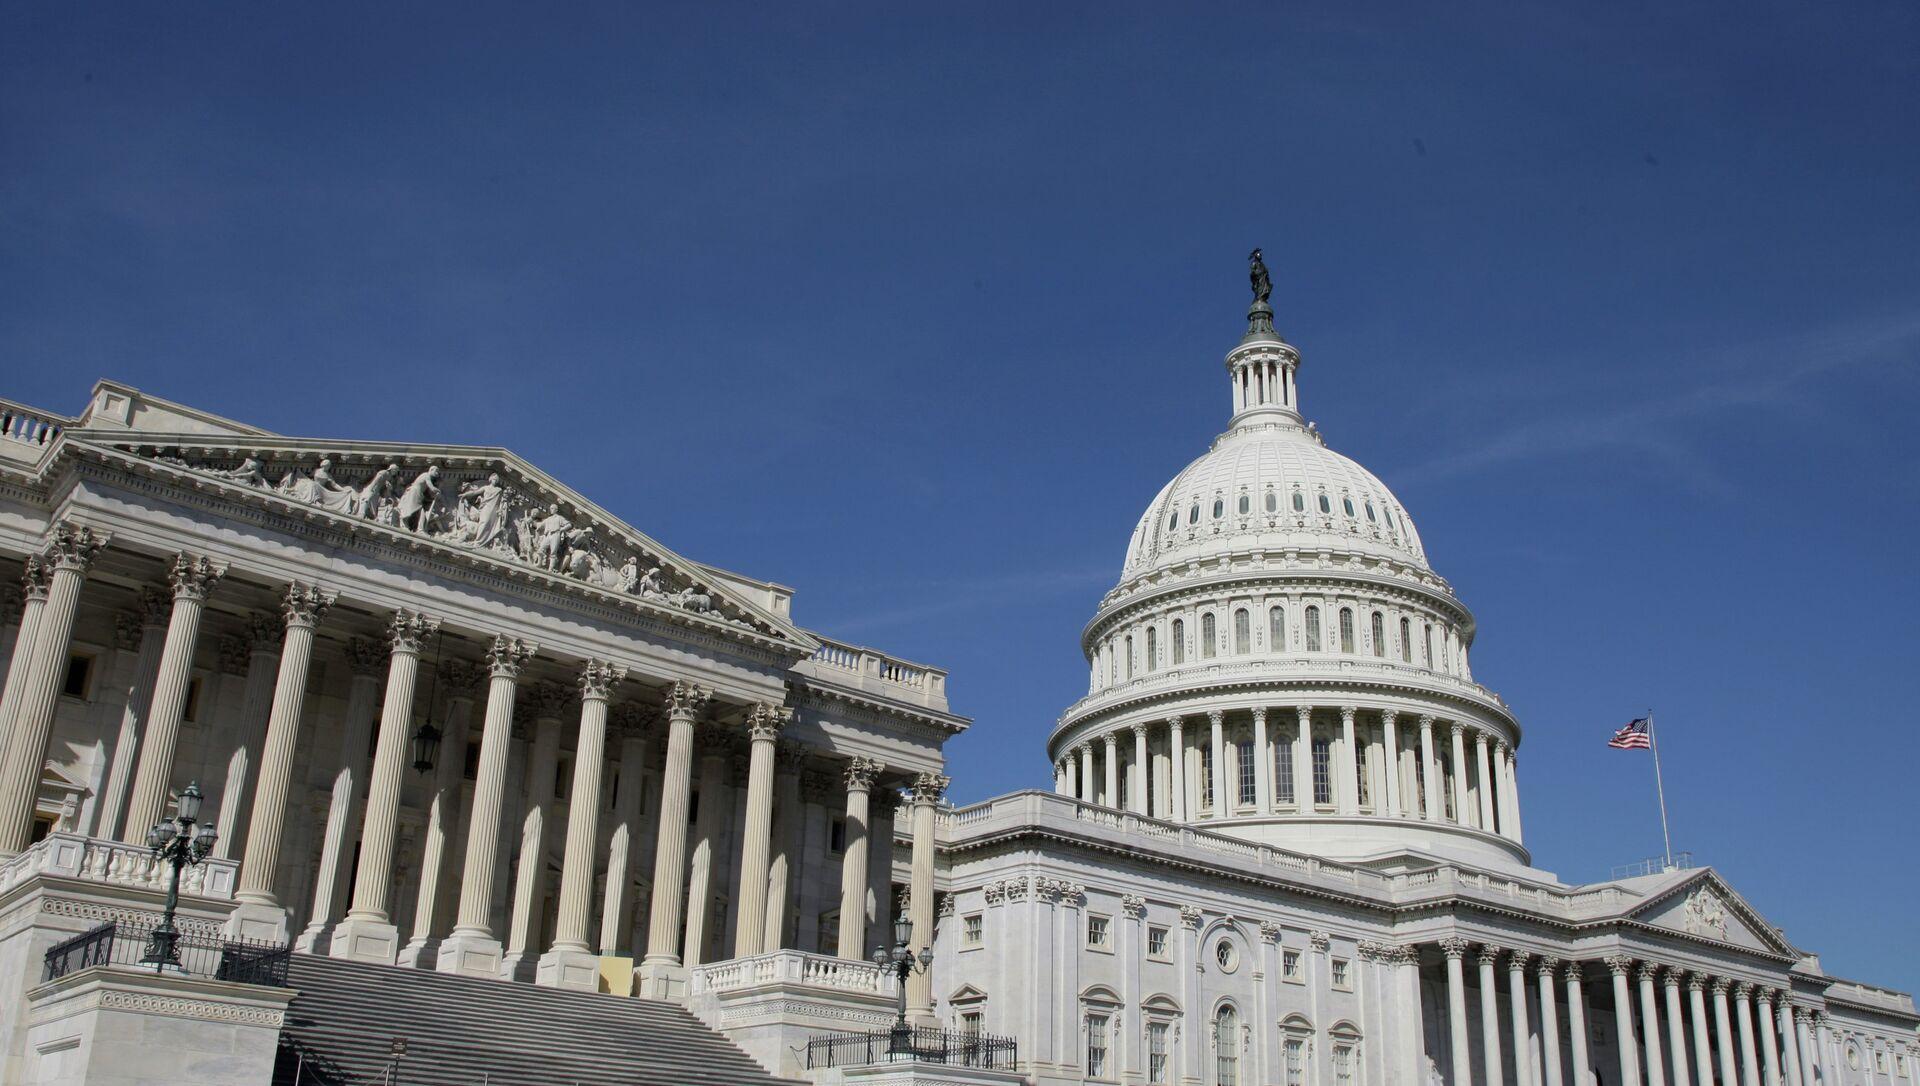 Le Capitole, siège du Congrès américain - Sputnik France, 1920, 03.04.2021